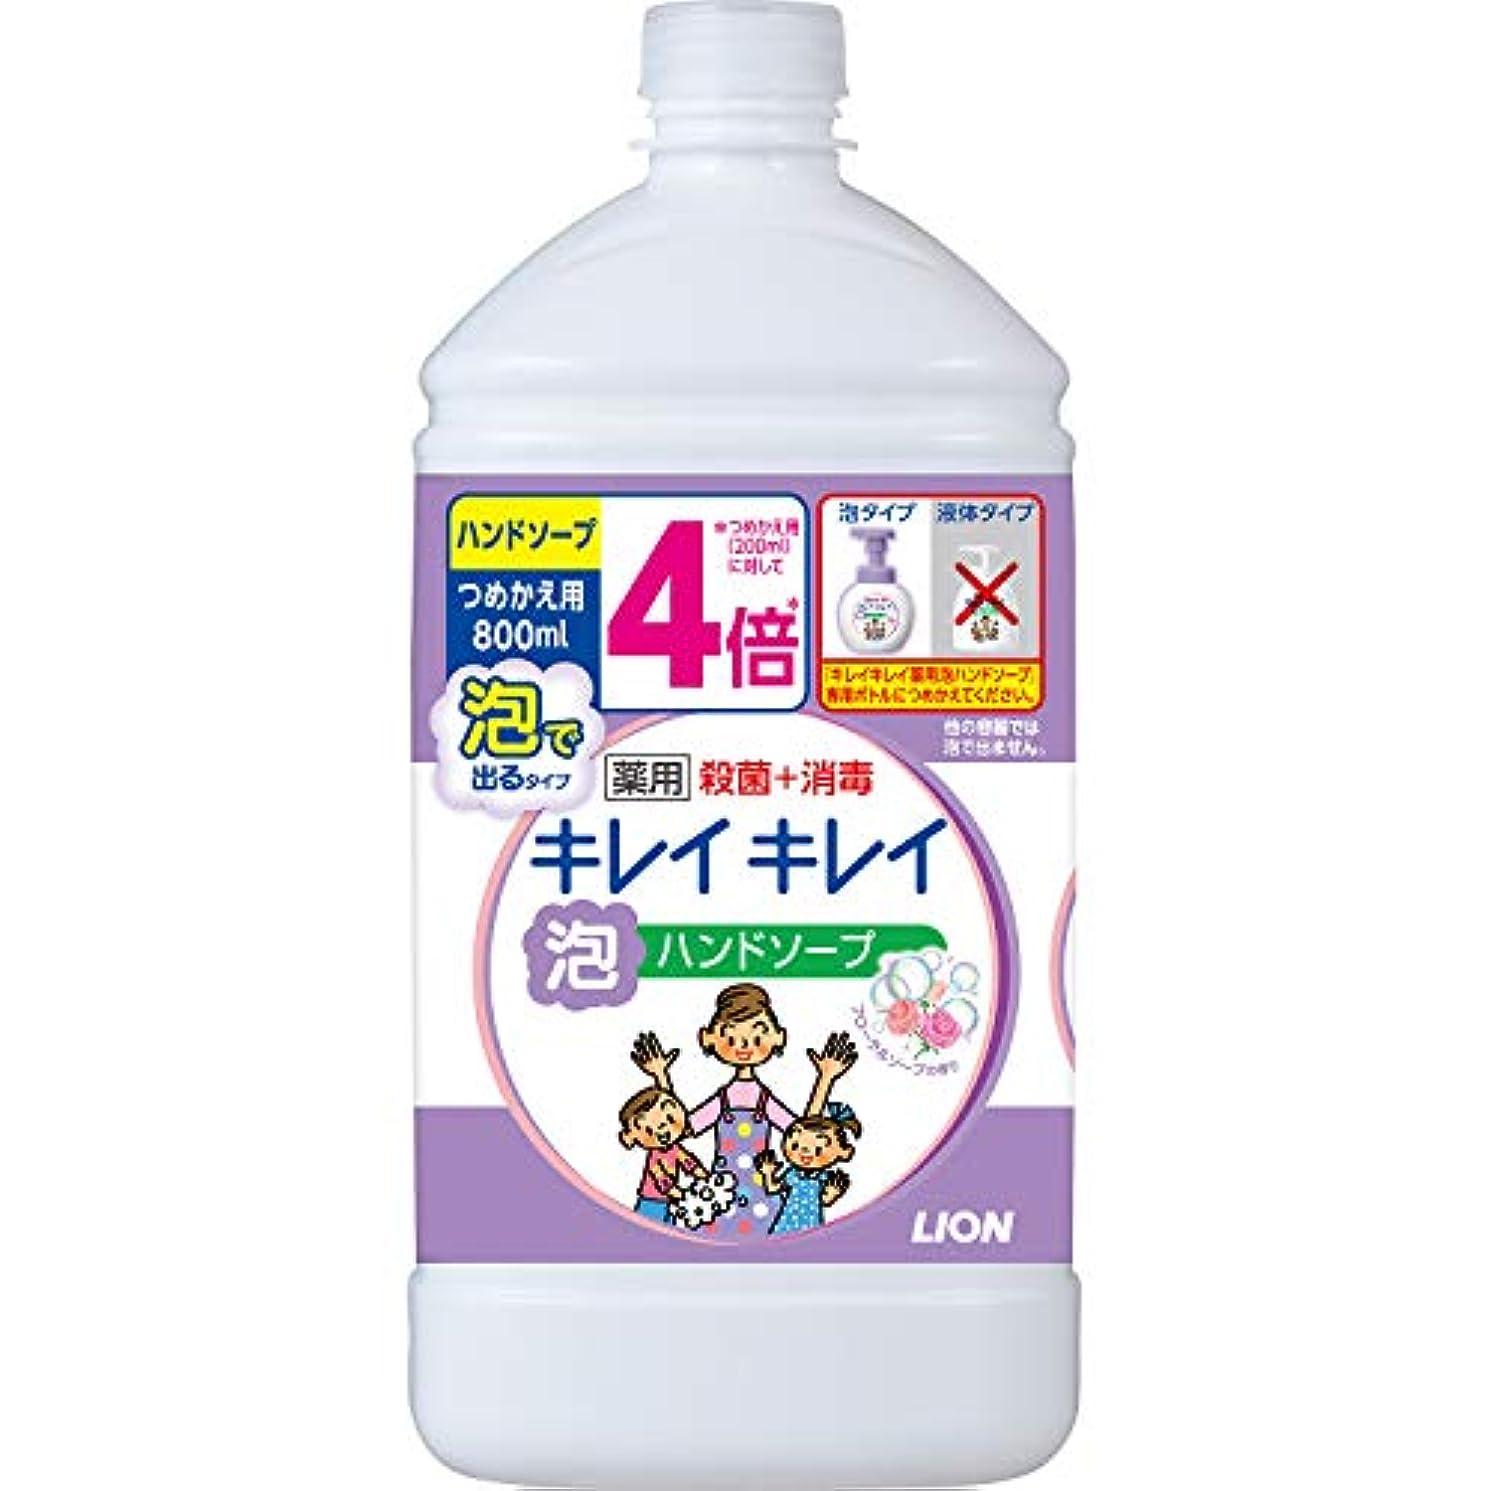 給料倫理同級生(医薬部外品)【大容量】キレイキレイ 薬用 泡ハンドソープ フローラルソープの香り 詰め替え 特大 800ml